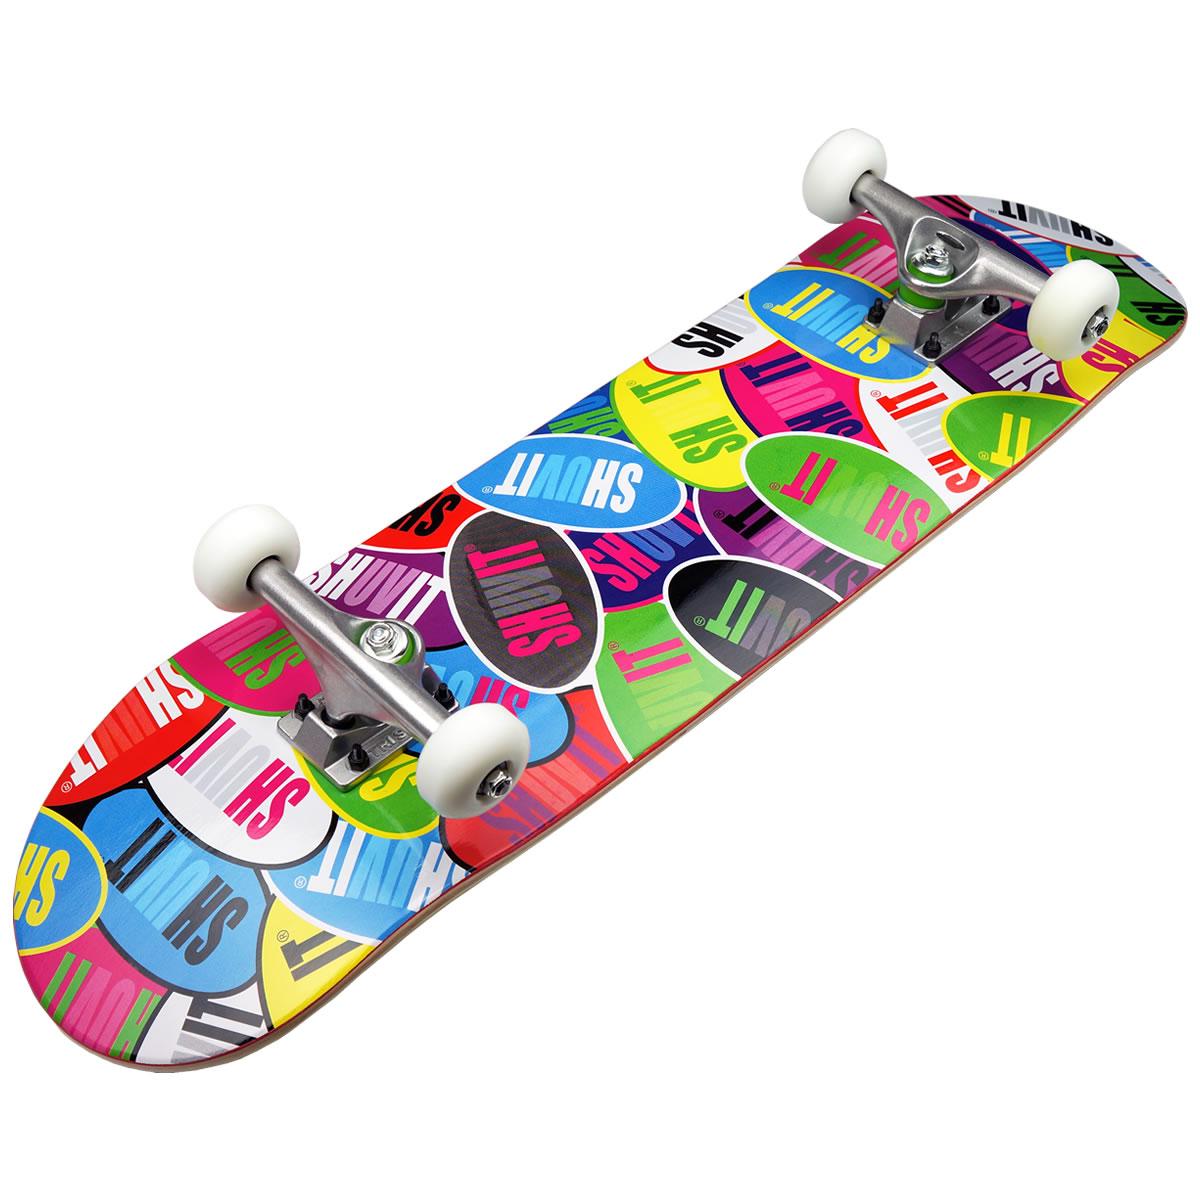 Shuvit-Skateboard-1-Bottom-Angle.jpg